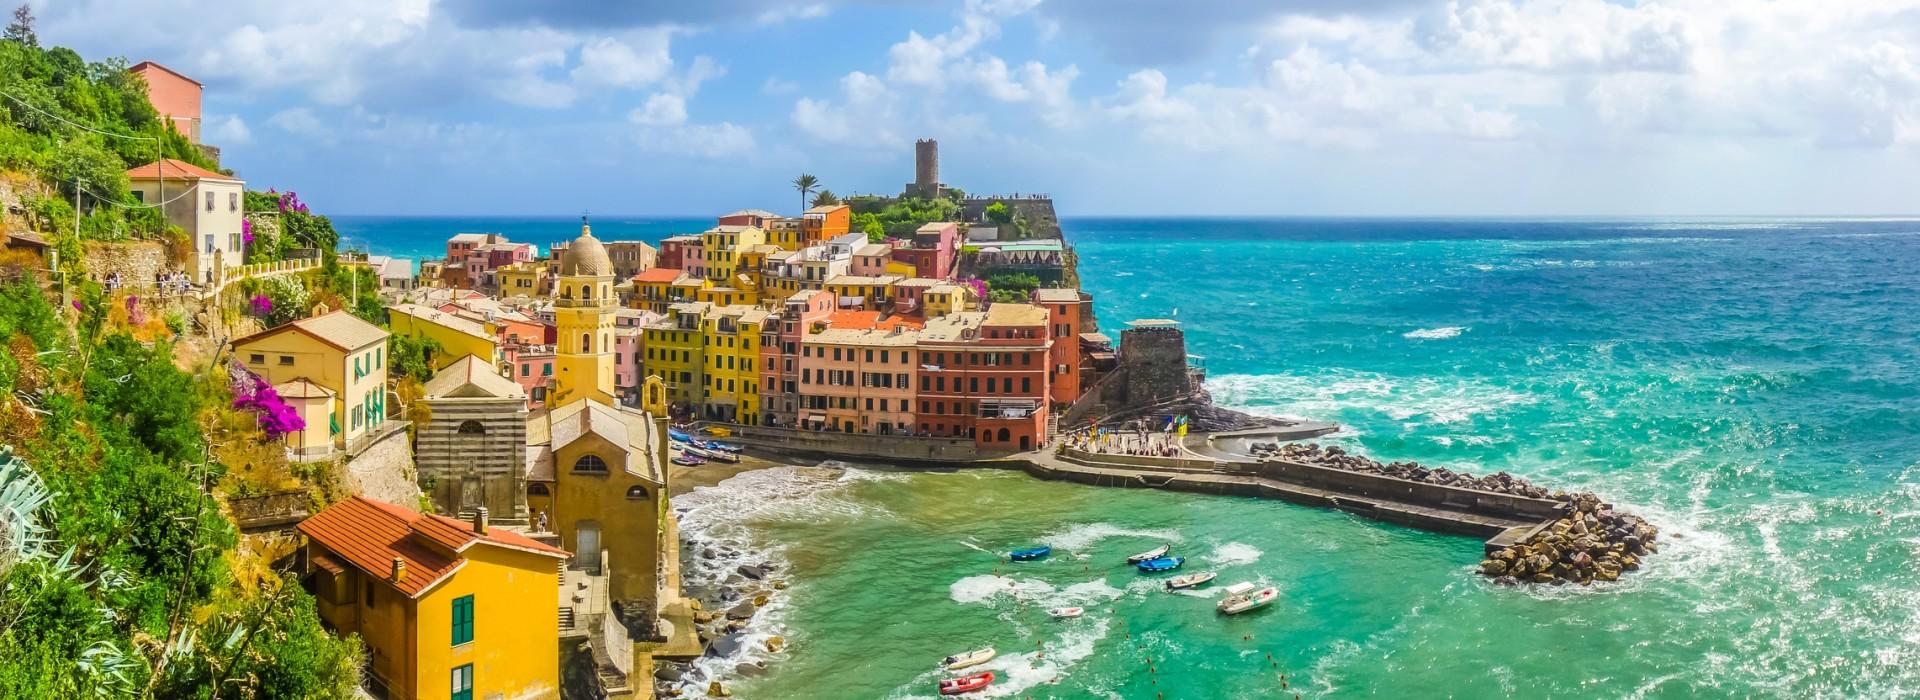 Можно ли оформить визу в италию без визового центра